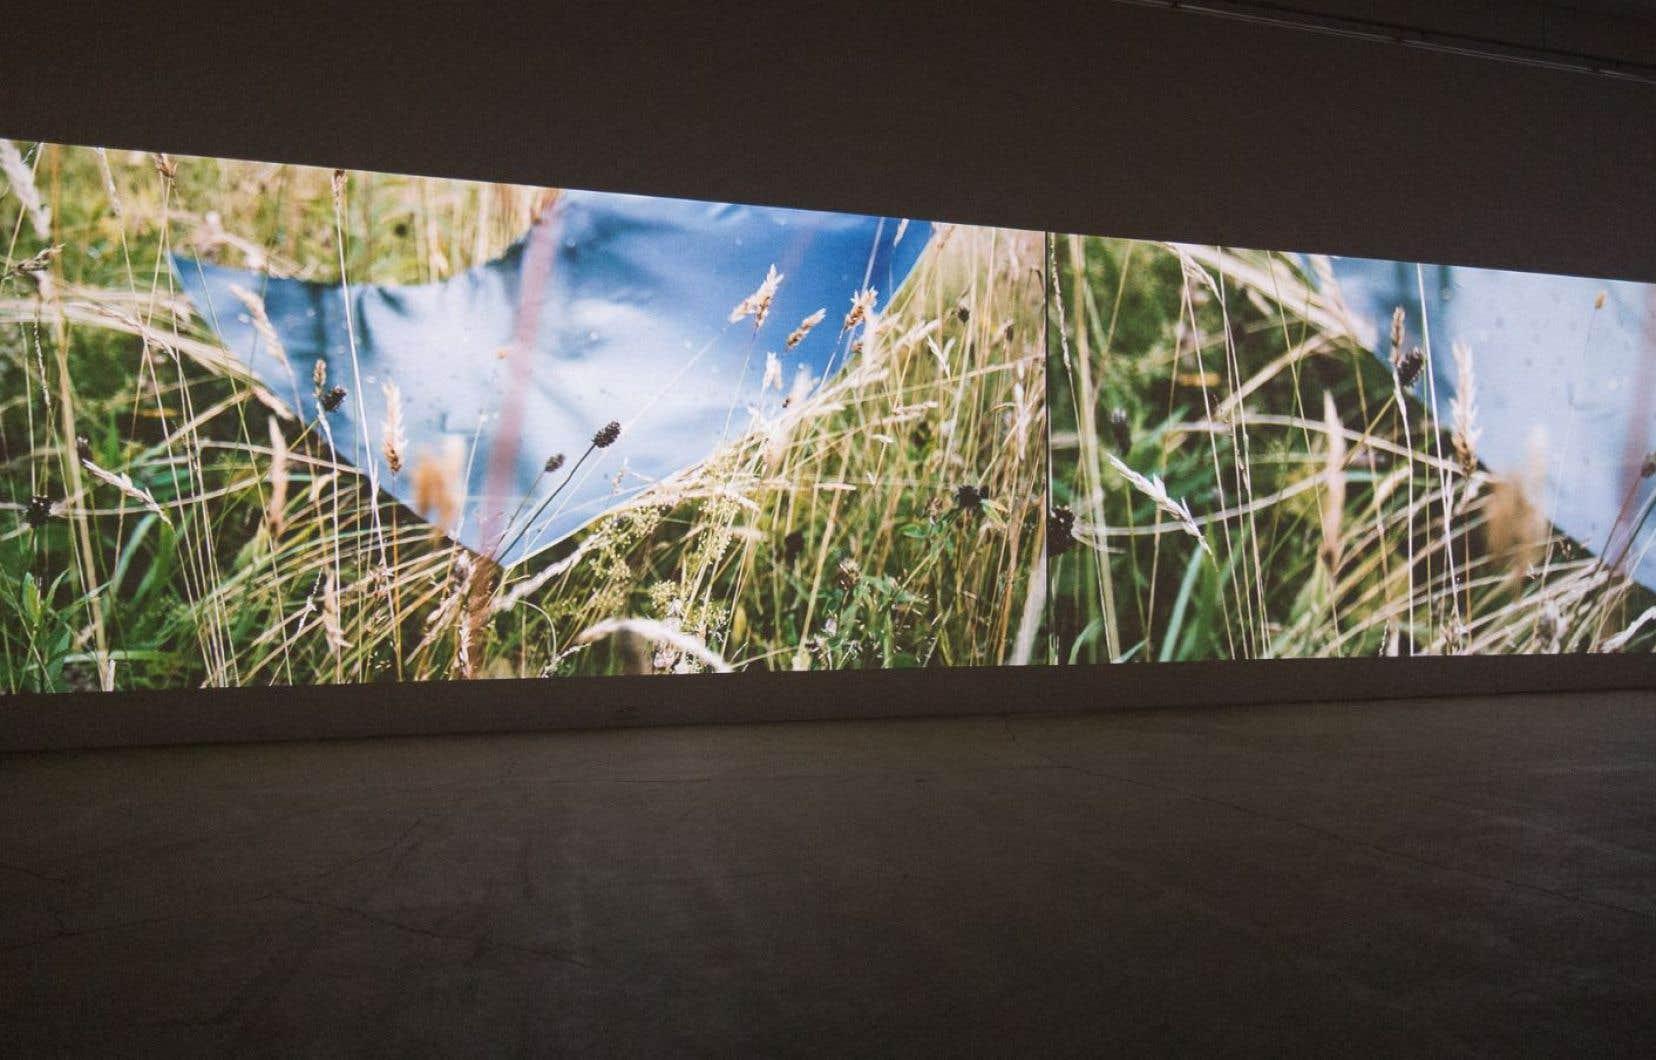 Les oeuvres sont deux installations vidéo majestueusement déployées dans les salles de la galerie totalement plongées dans la pénombre.